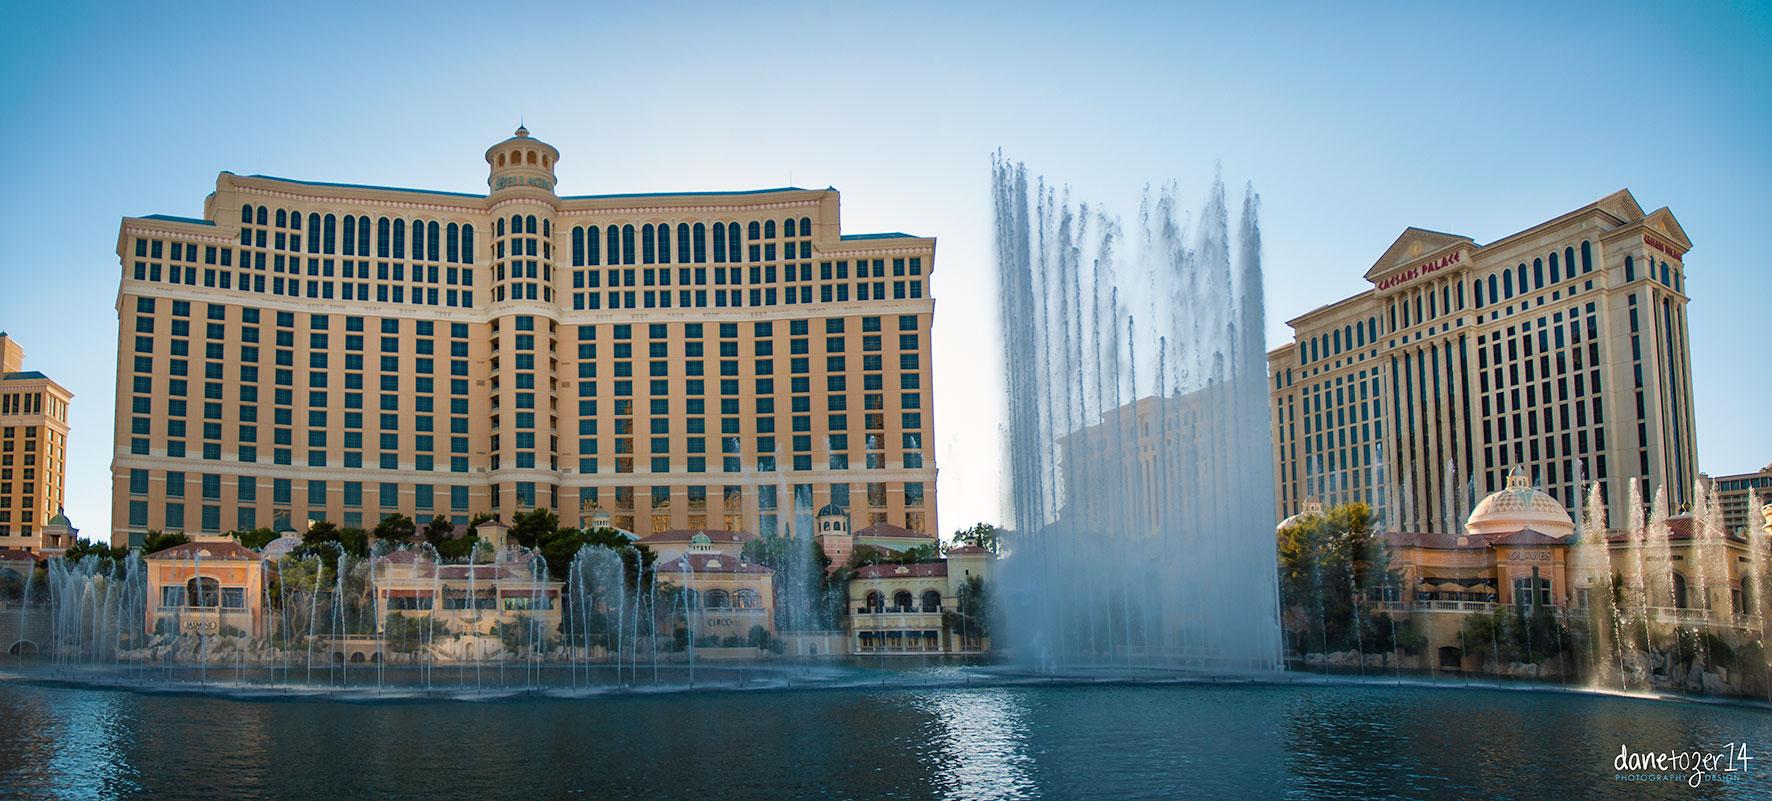 Bellagio, Las Vegas U.S.A